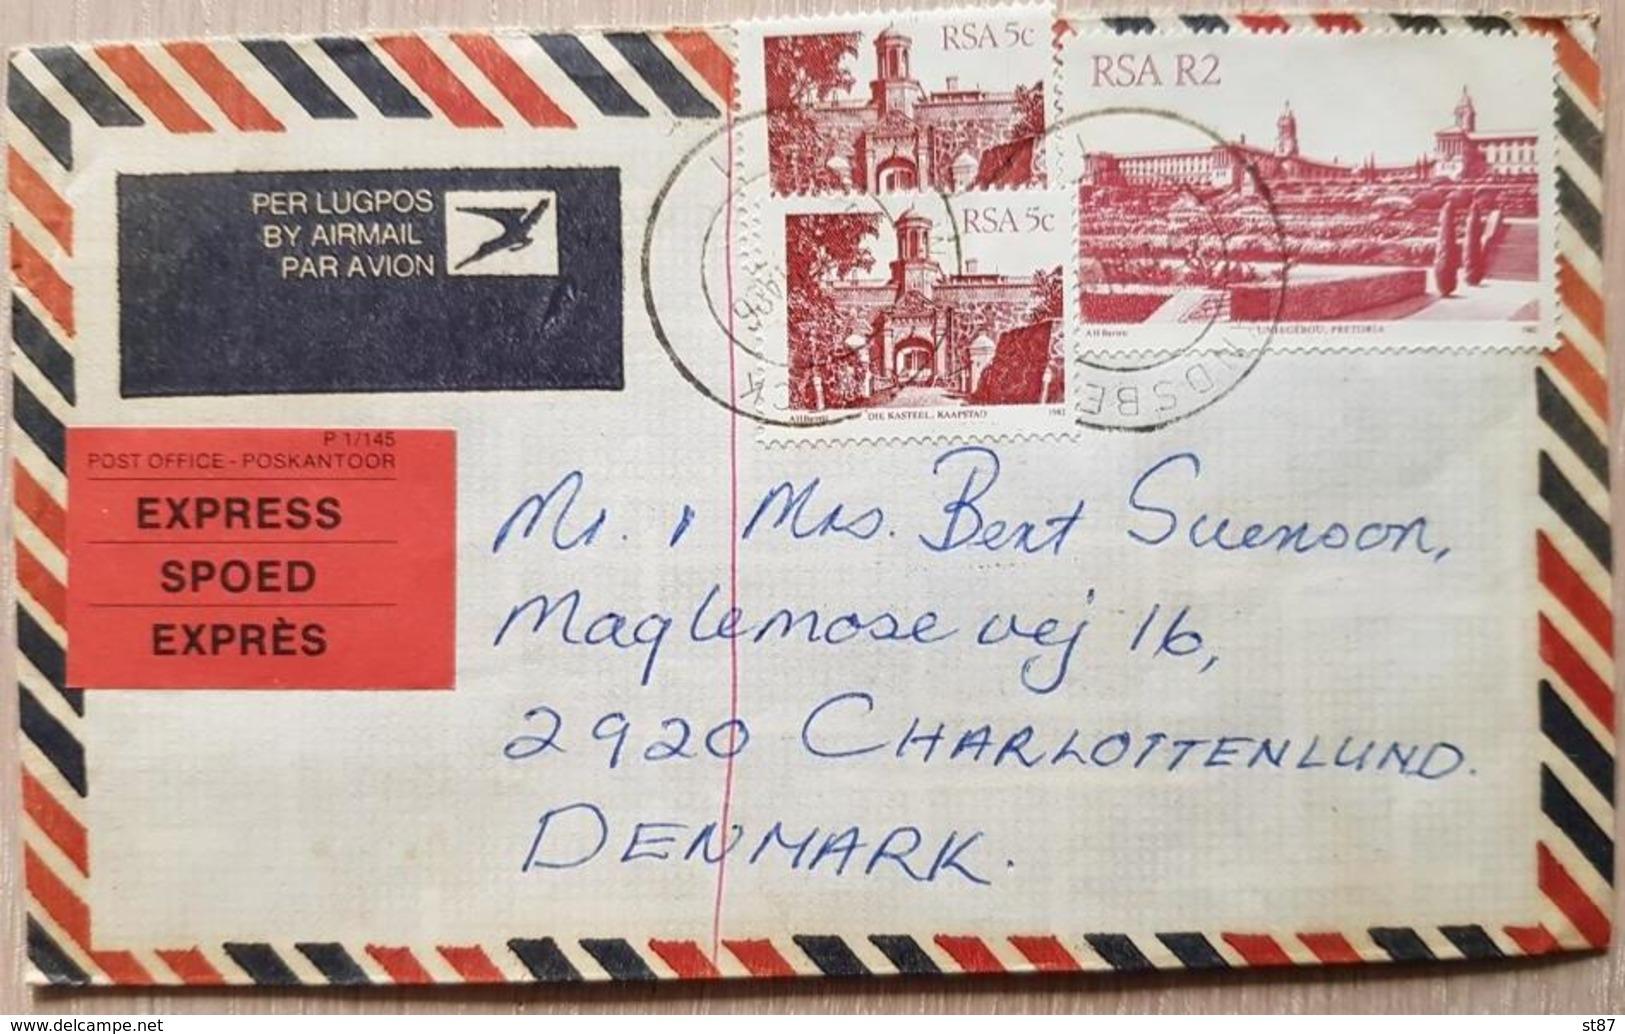 RSA Durban Denmark - Unclassified